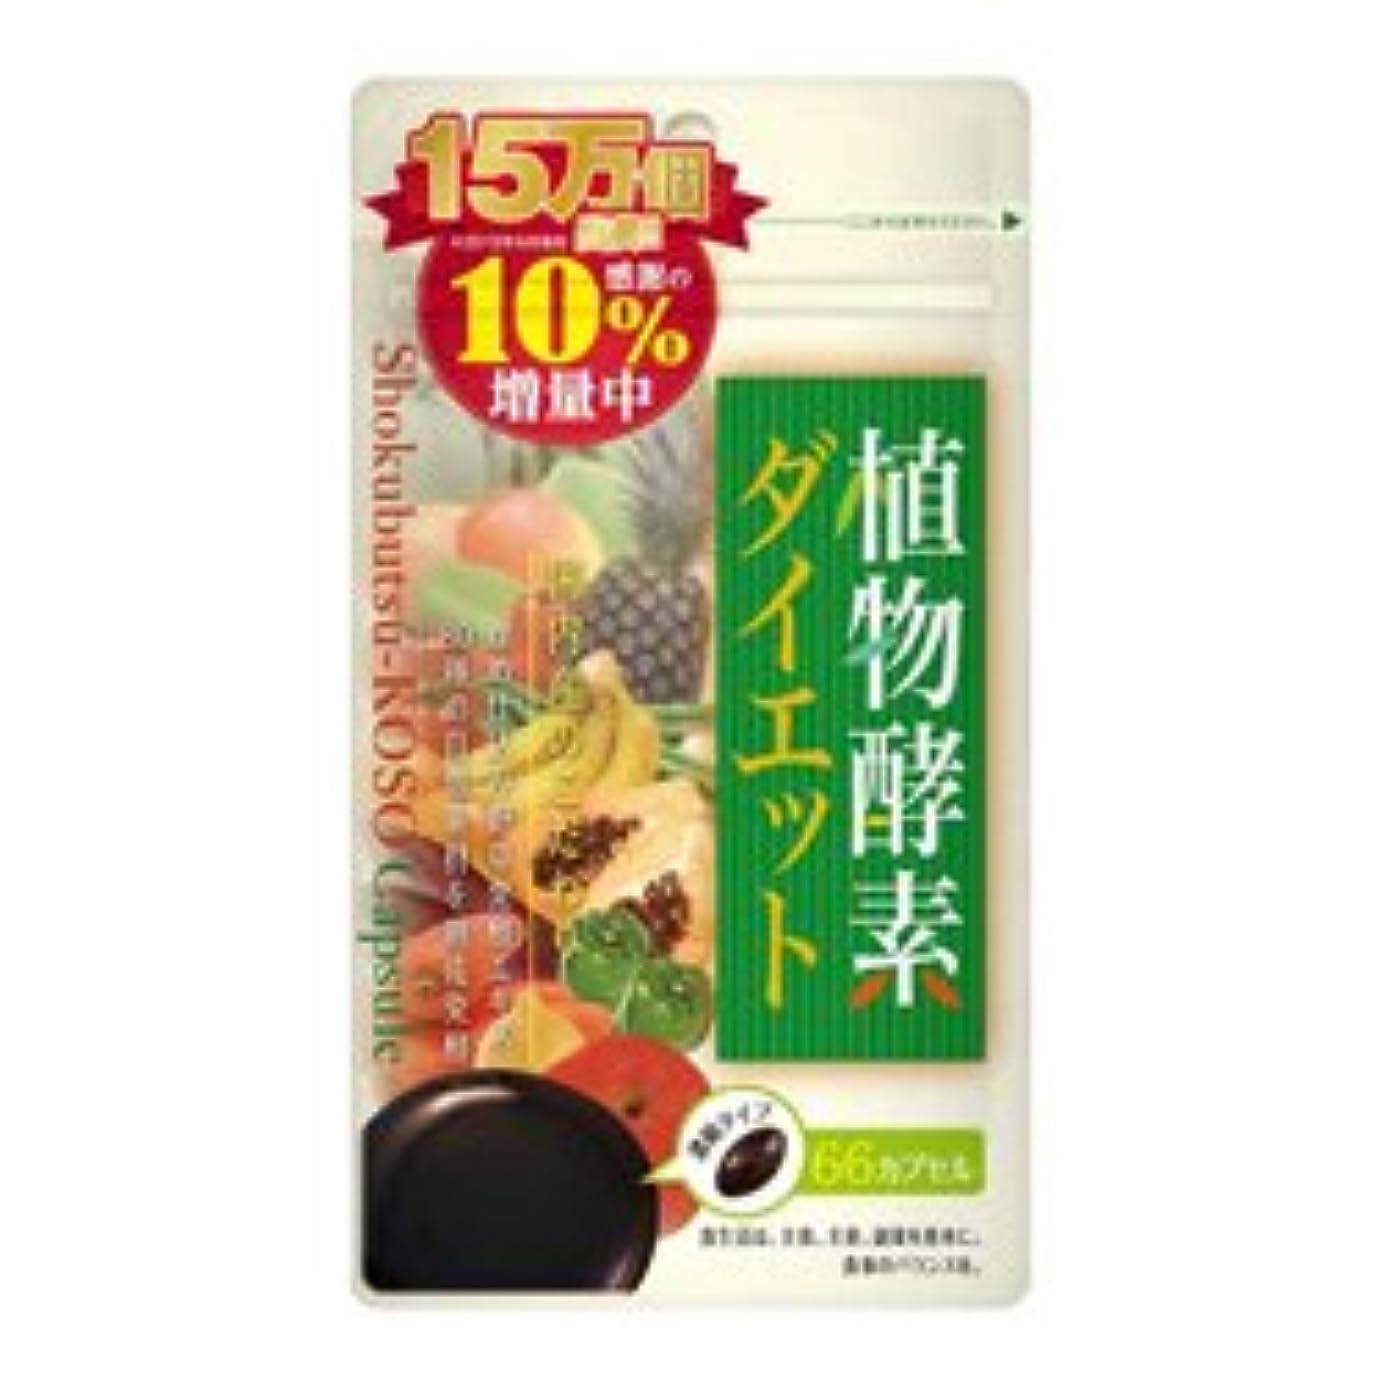 菊ブースト文明化【ウエルネスジャパン】植物酵素ダイエット 66カプセル ×5個セット